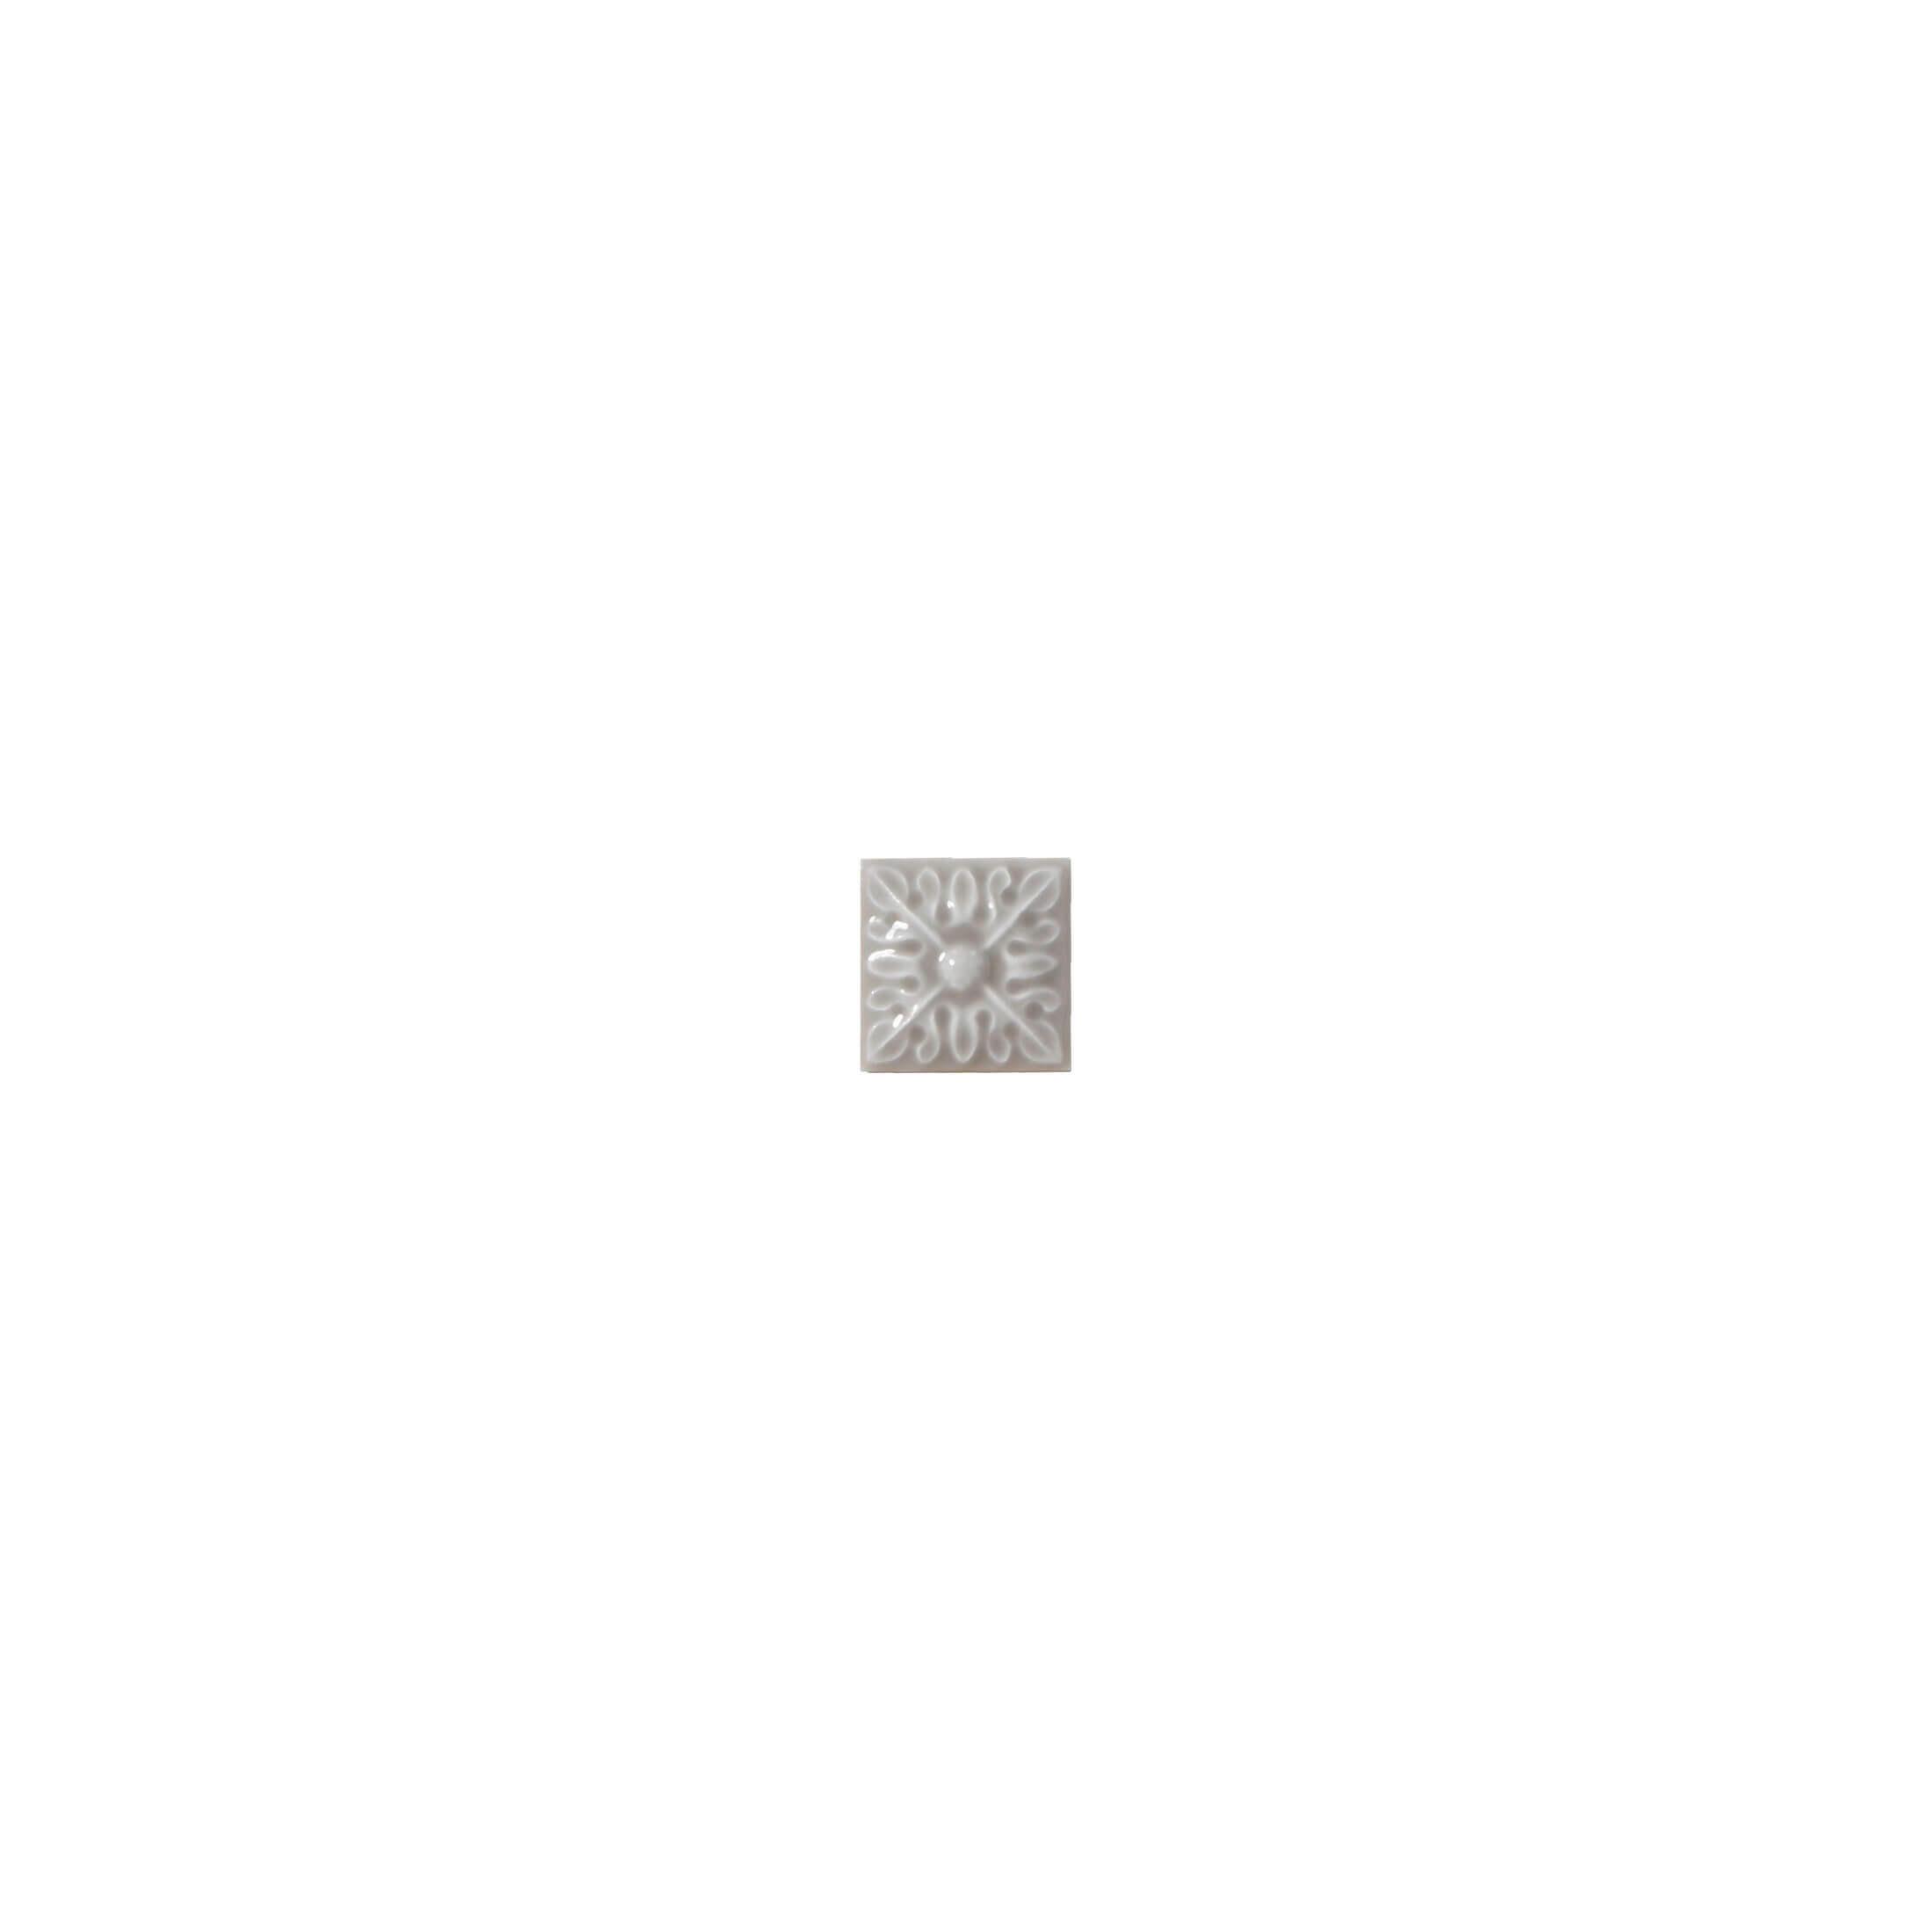 ADST4066 - TACO RELIEVE FLOR Nº 2 - 3 cm X 3 cm